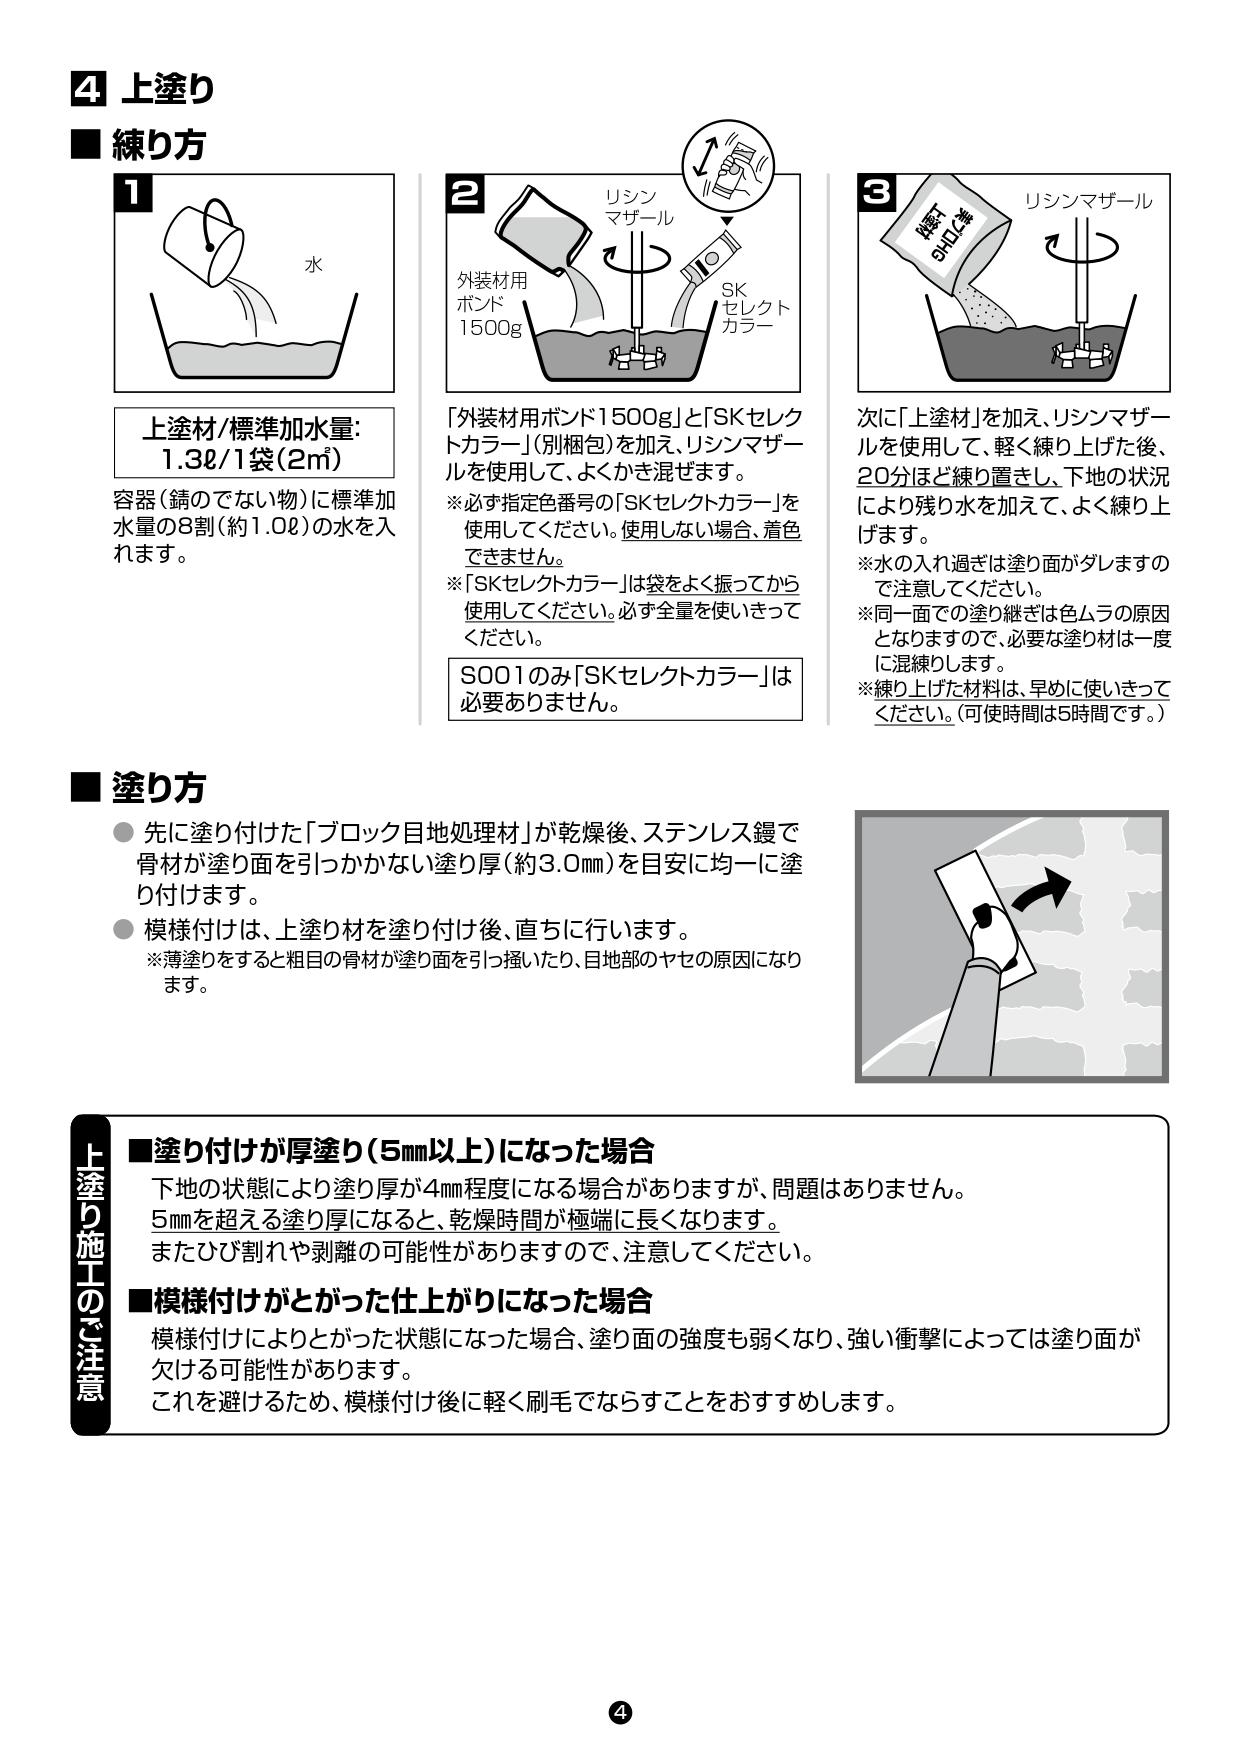 美ブロHG 施工要領書_page-0004